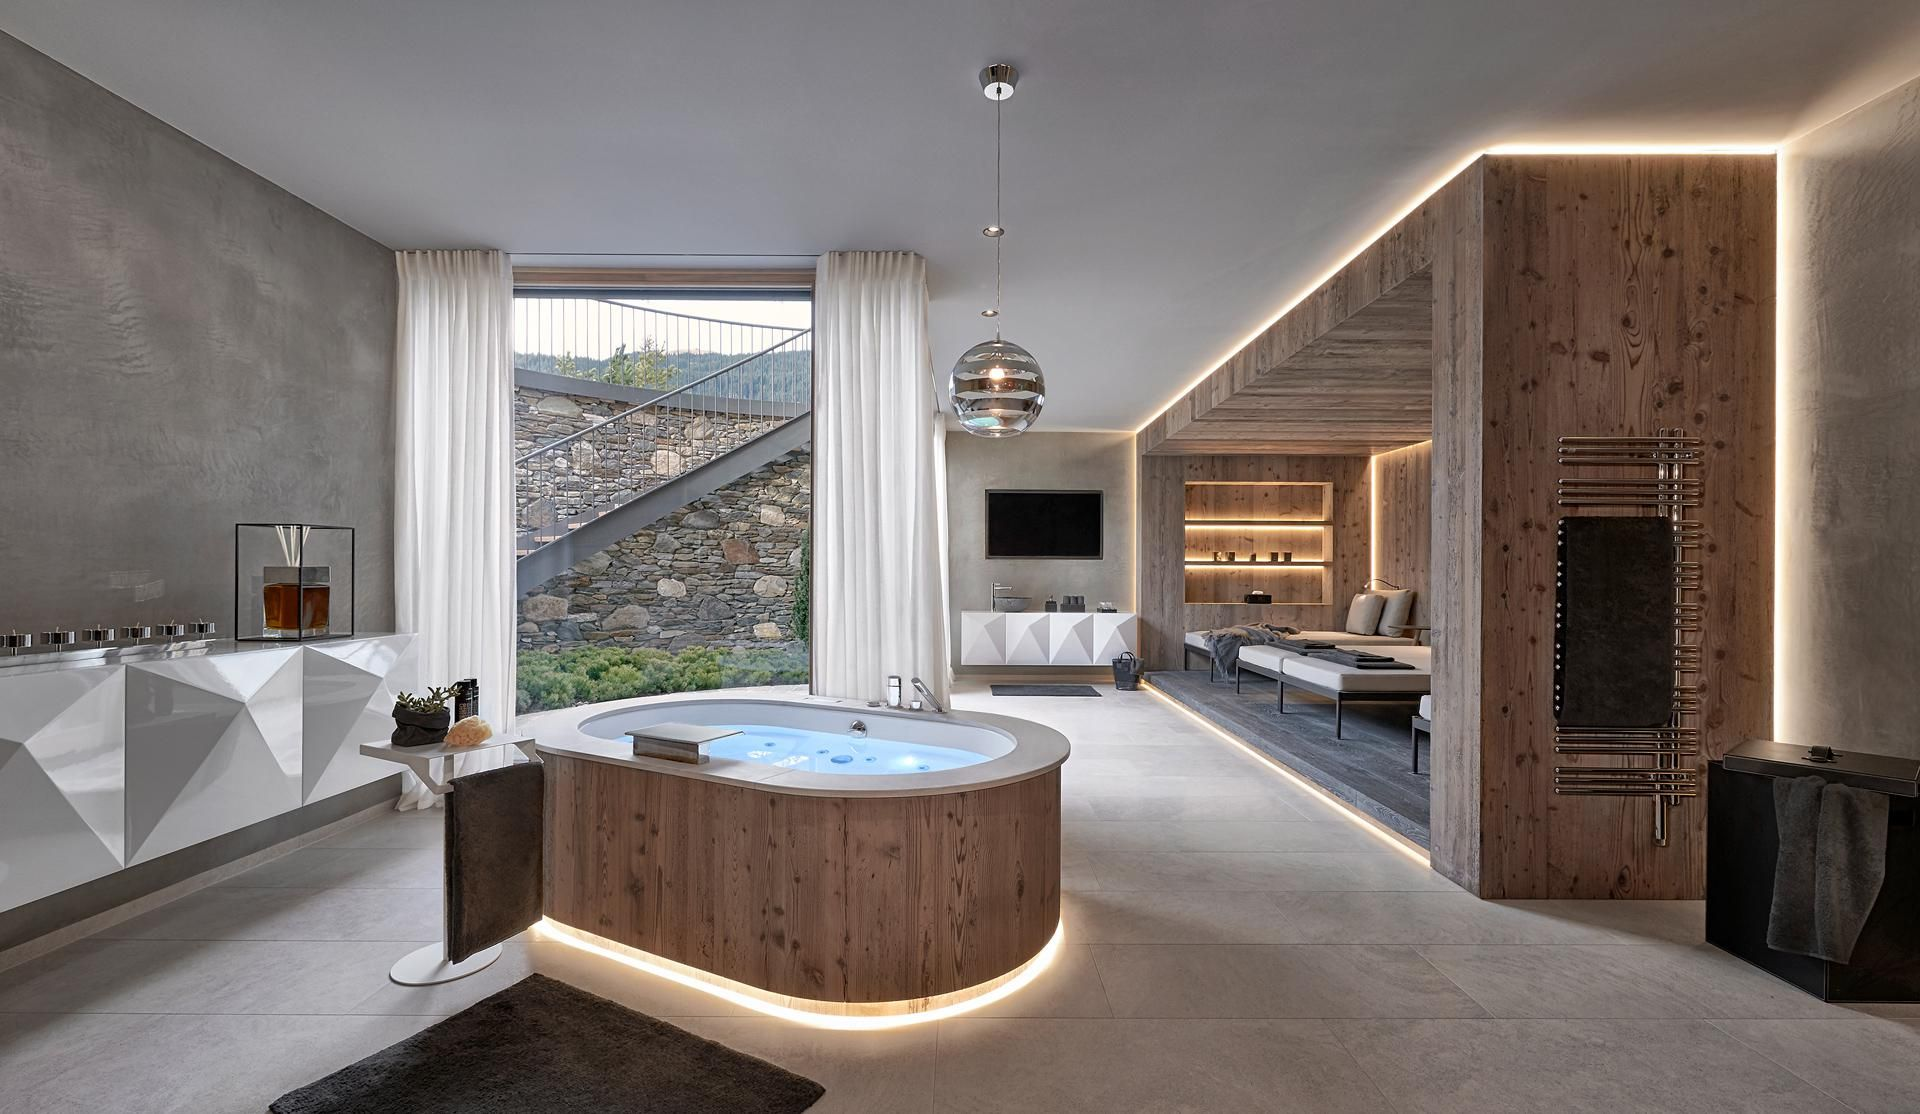 Uberlegen Gasteiger Bad / Kitzbühel / Wellness   Sauna, Dampfbad, Schwimmbad U0026  Whirlpool